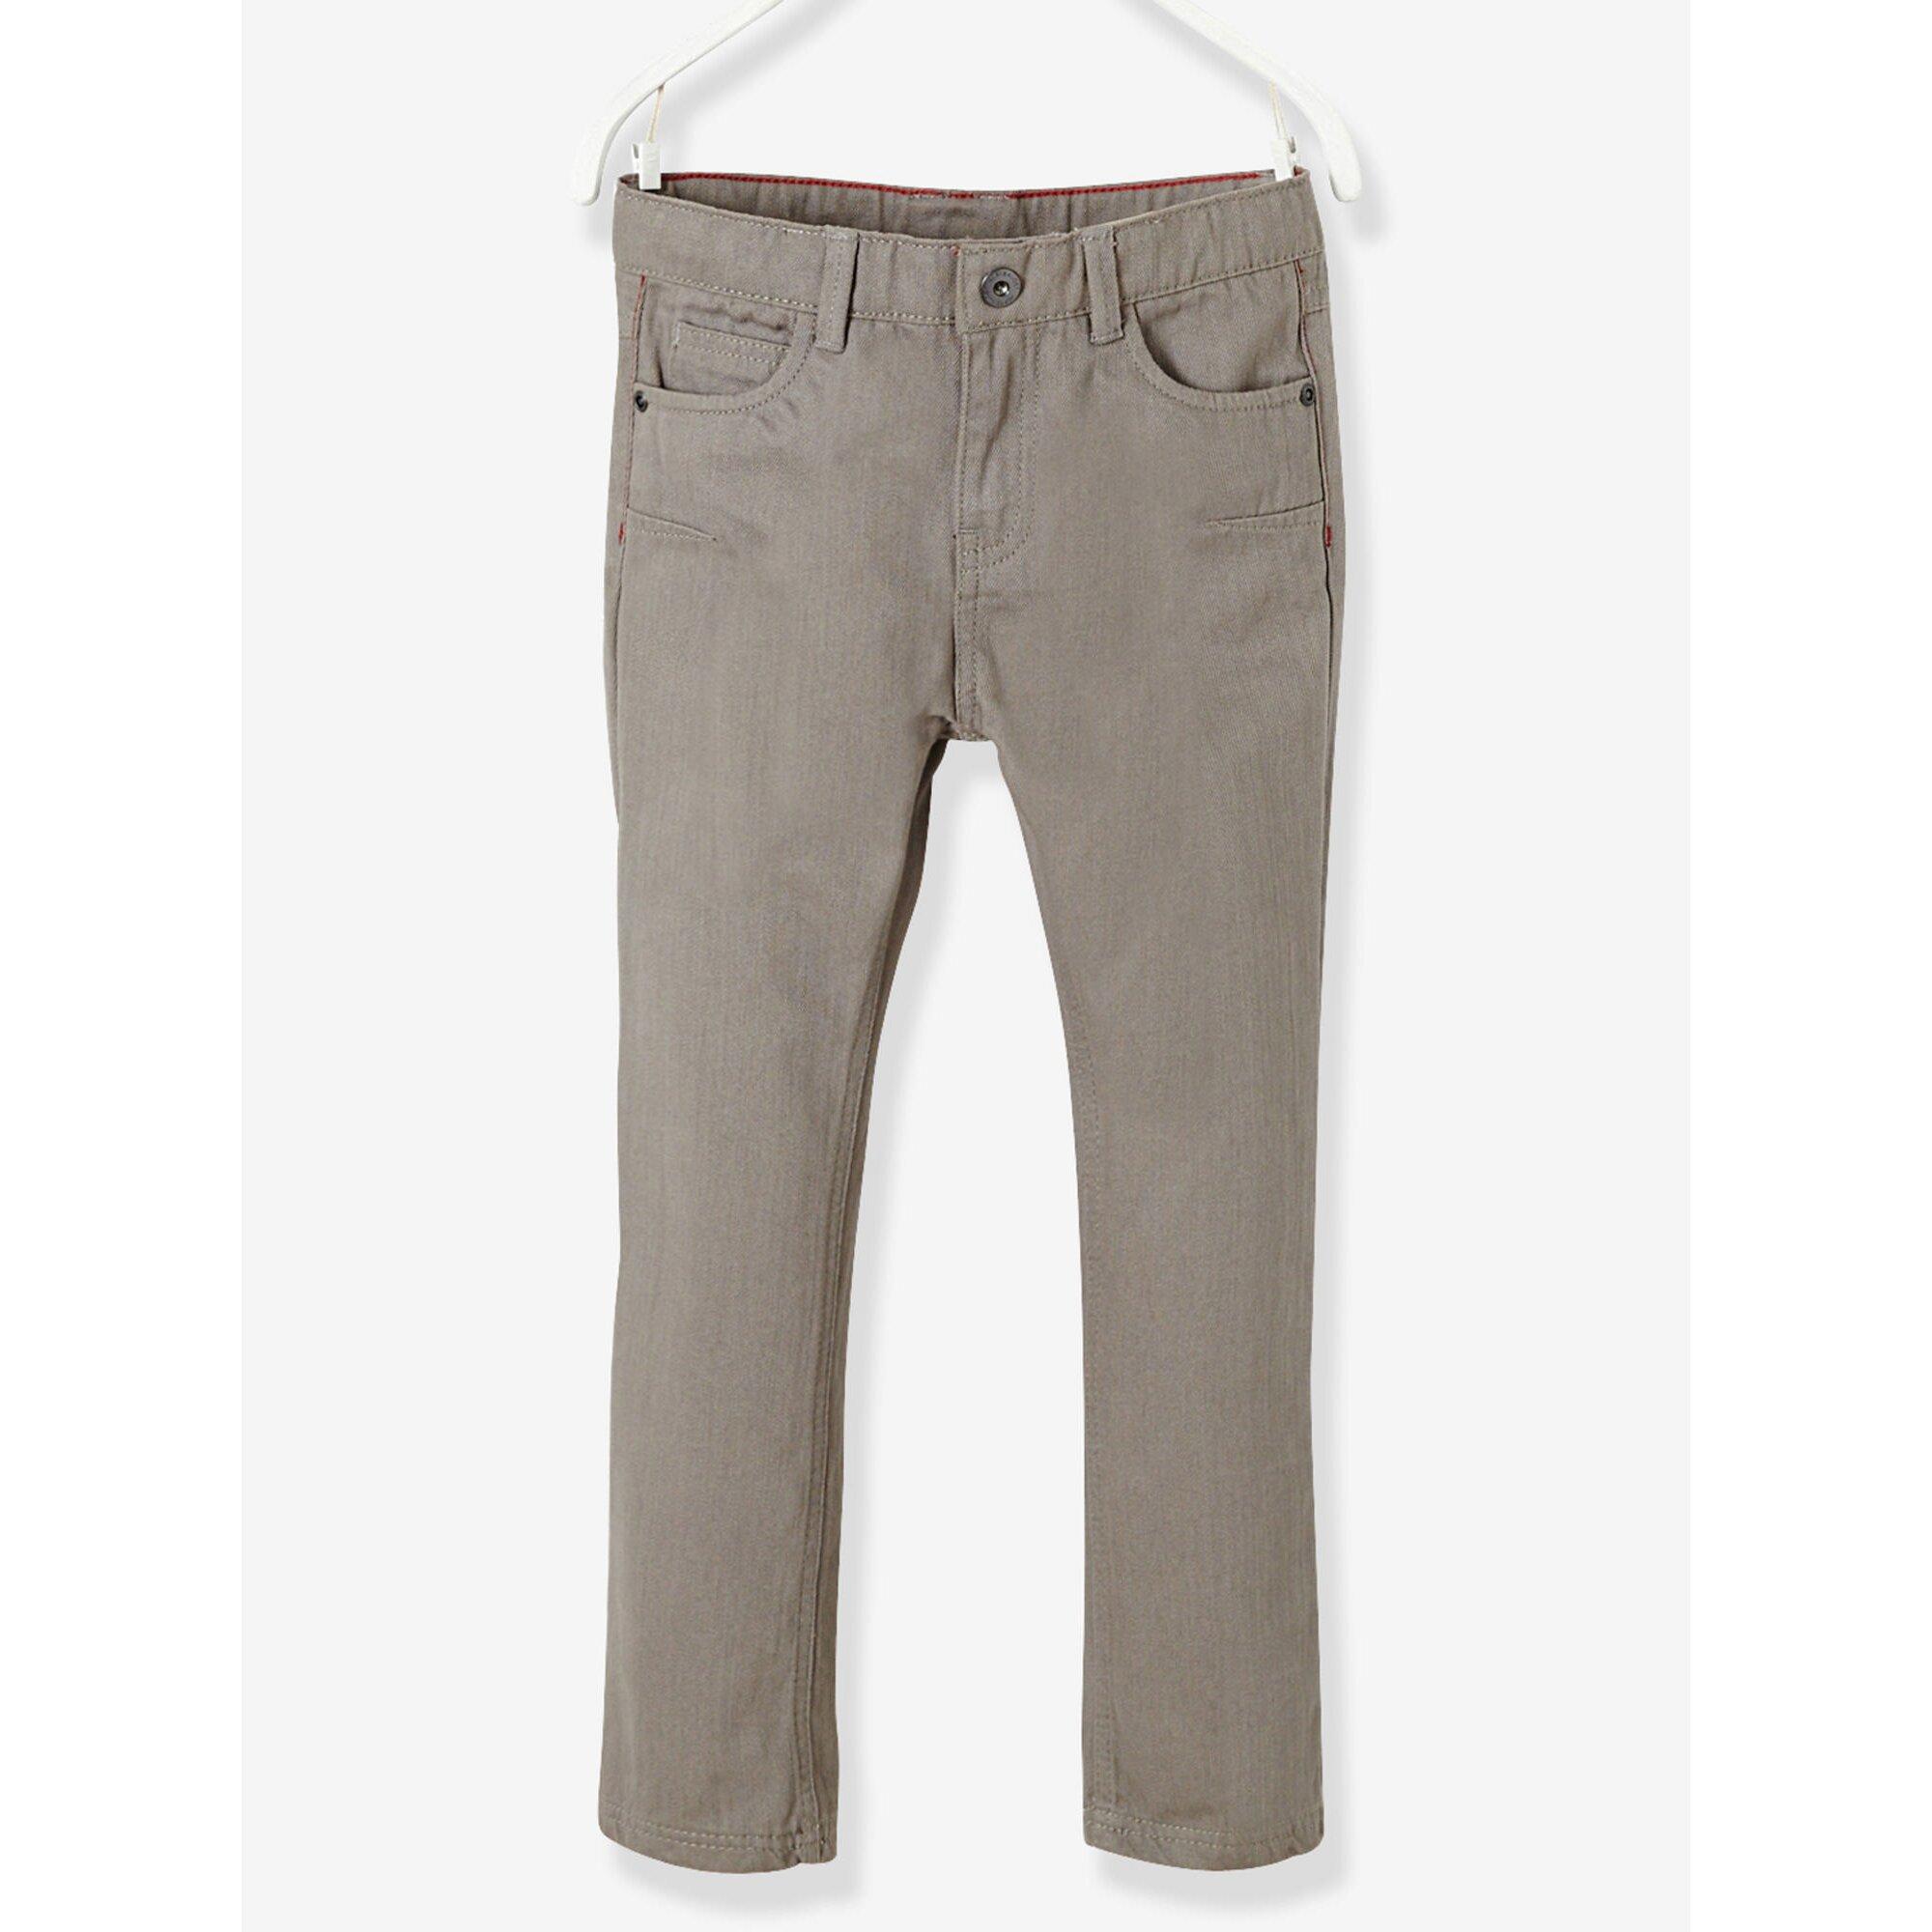 Vertbaudet Gerade Hose für Jungen Baumwolle